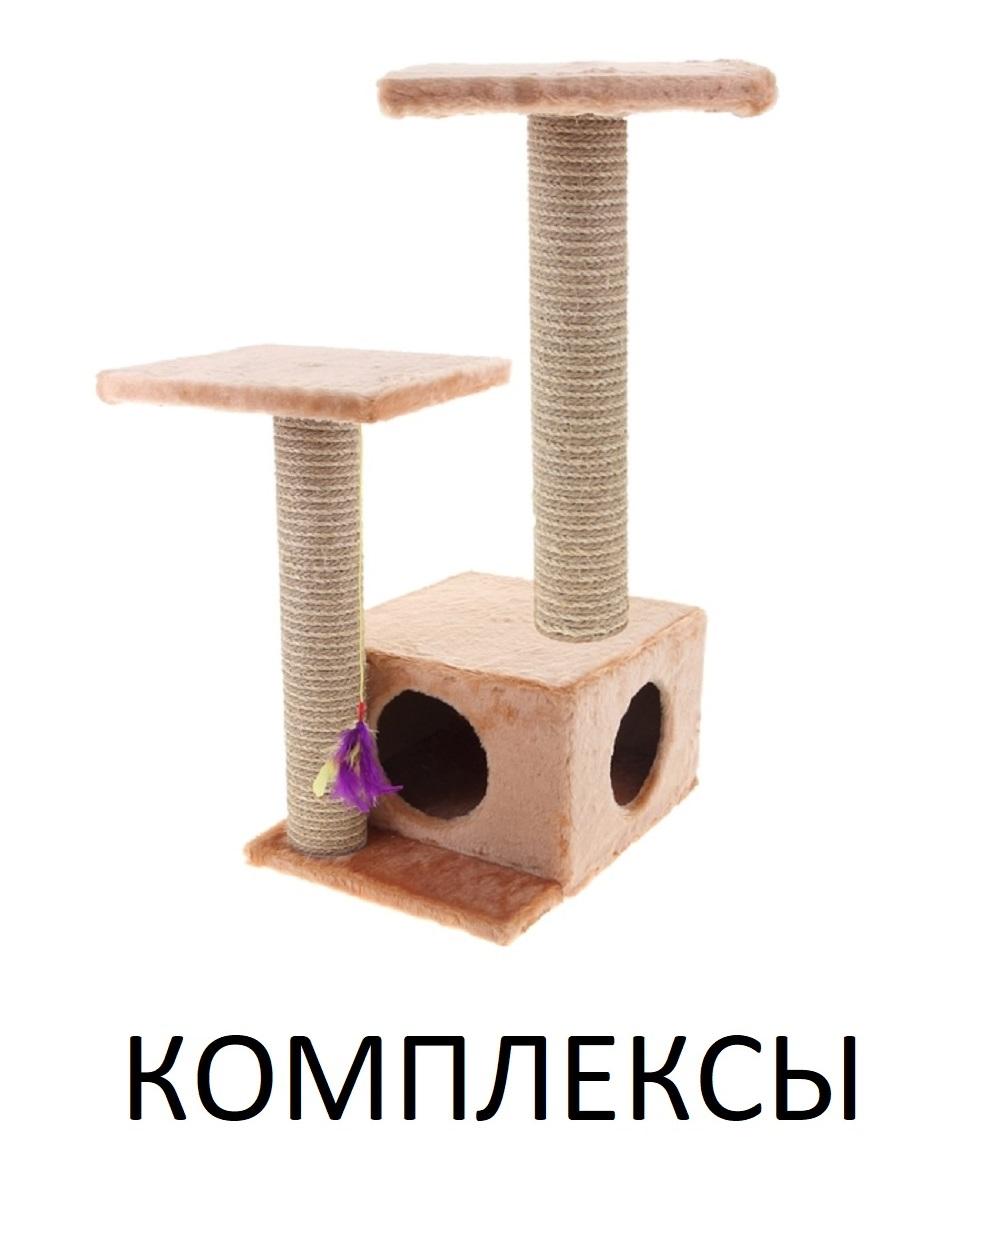 КОМПЛЕКСЫ